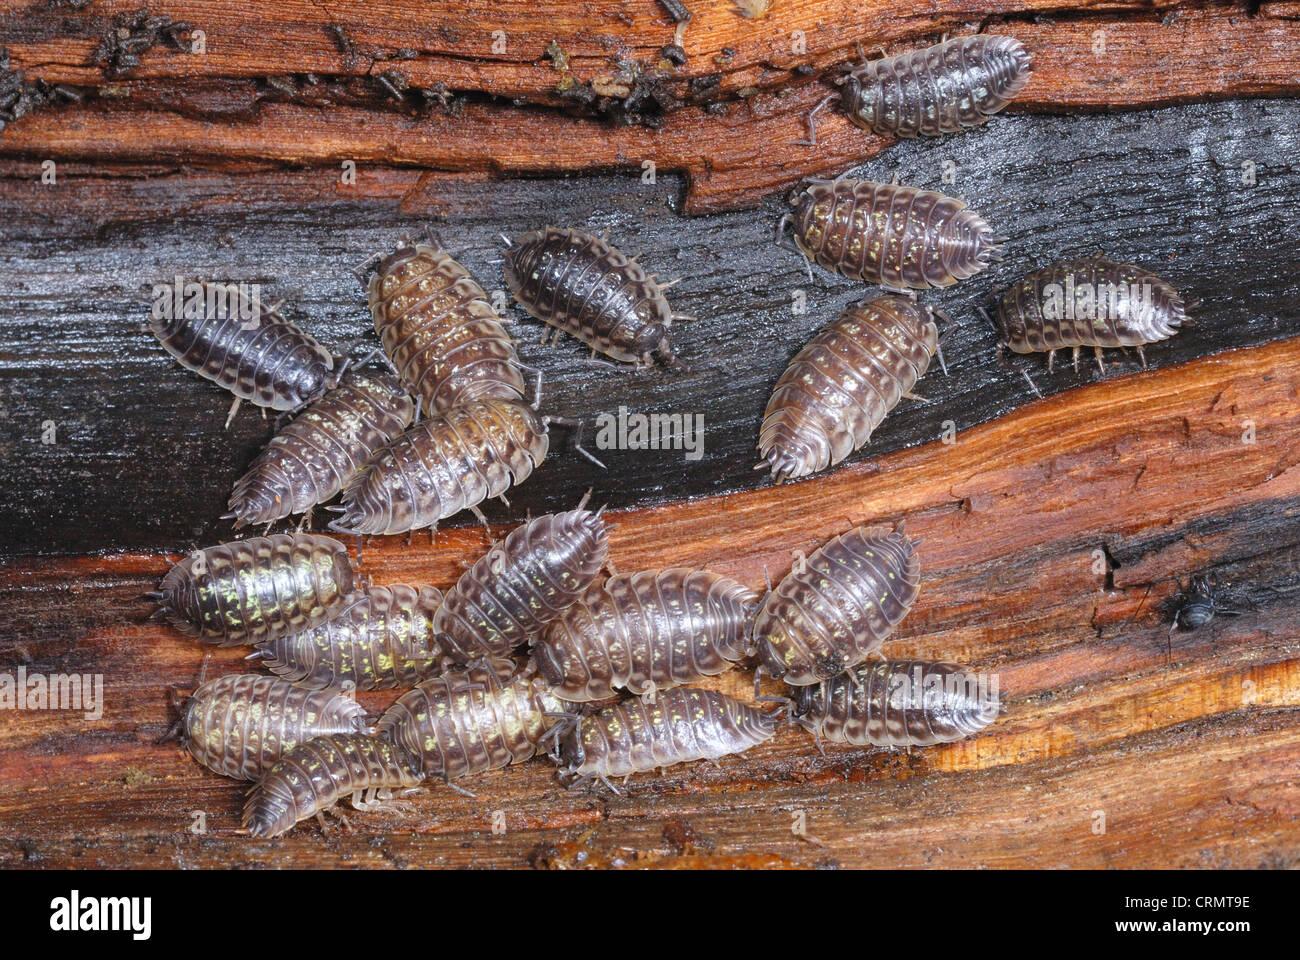 Gemeinsamer Garten Asseln (Oniscus Asellus) ernähren sich von verrottenden log Stockbild